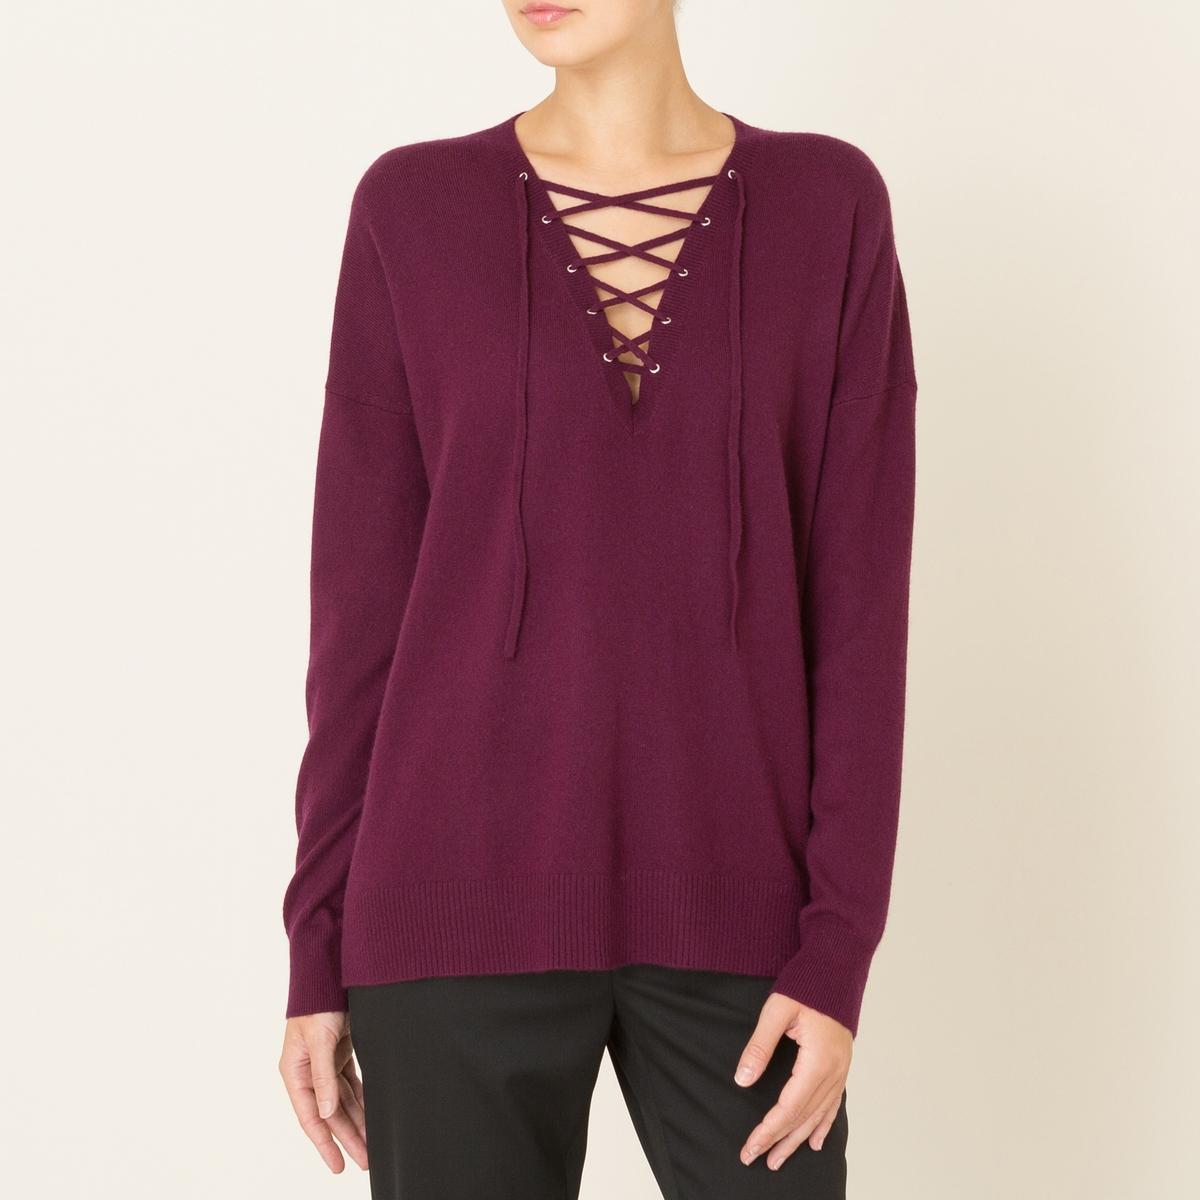 Пуловер женский из шерсти и кашемираСостав и описание Материал : 90% шерсти, 10% кашемира Марка : THE KOOPLES<br><br>Цвет: бордовый<br>Размер: M